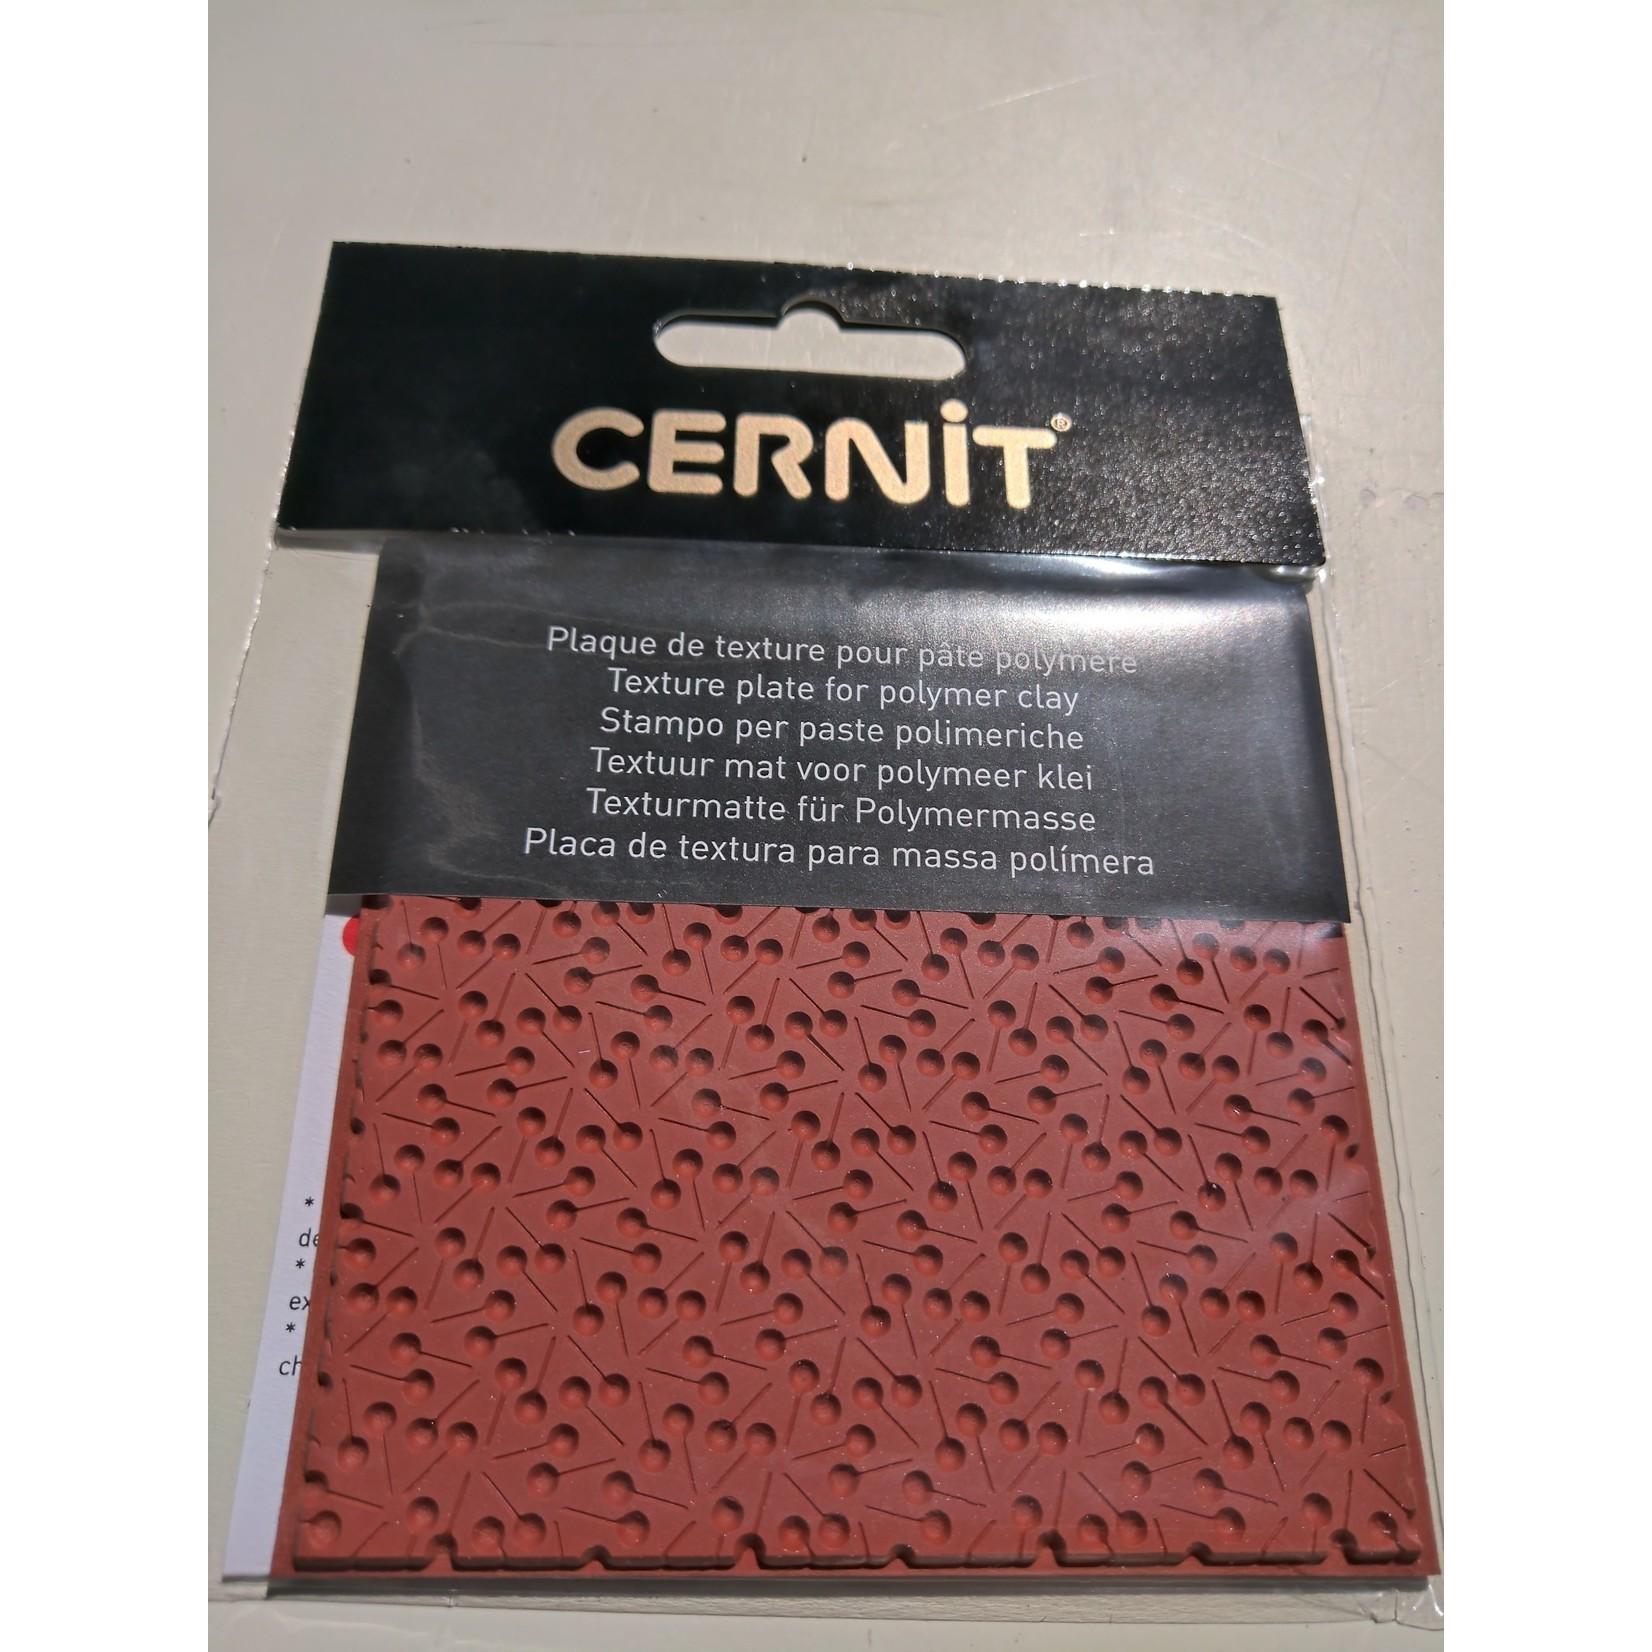 Cernit Cernit Texture Plate 9 X 9 cm - Lolipops (Red Version)